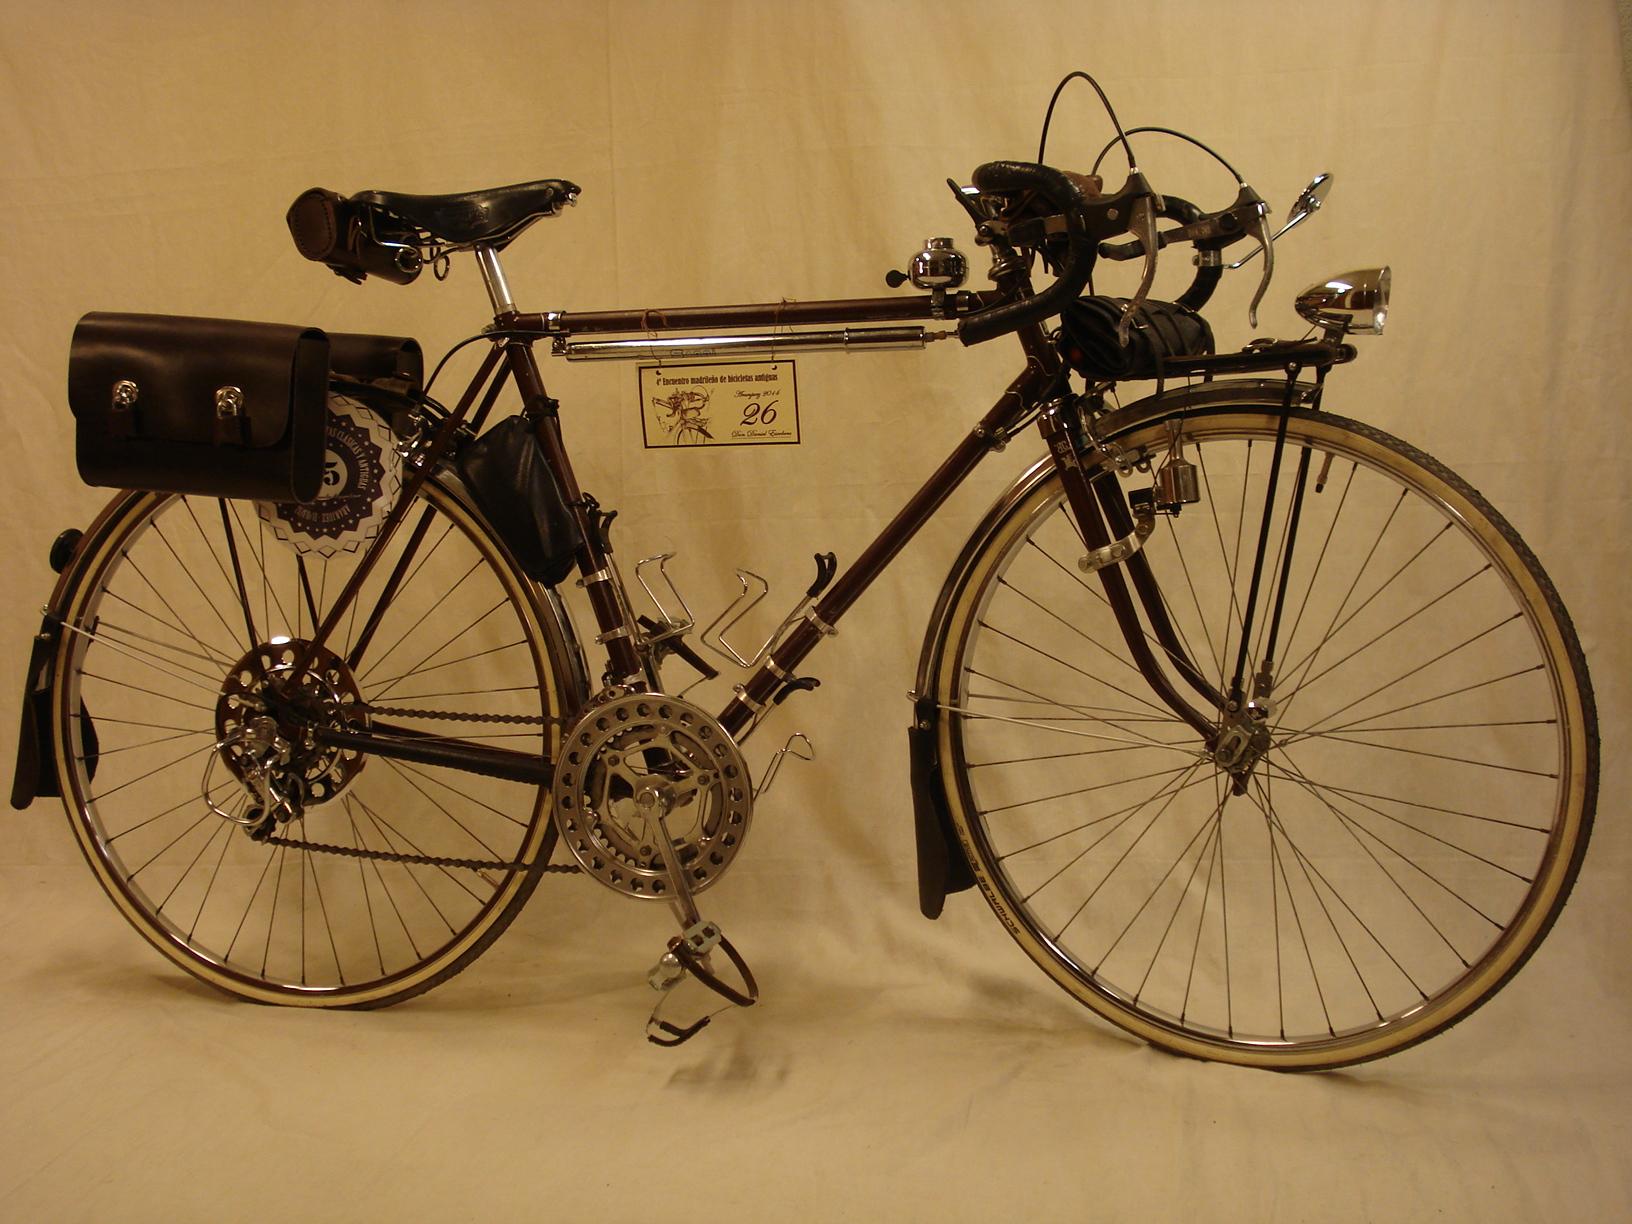 Mi Primera Bicicleta Chicco Su Primera Bicicleta: Bicicleta Randonneur Marca Universal